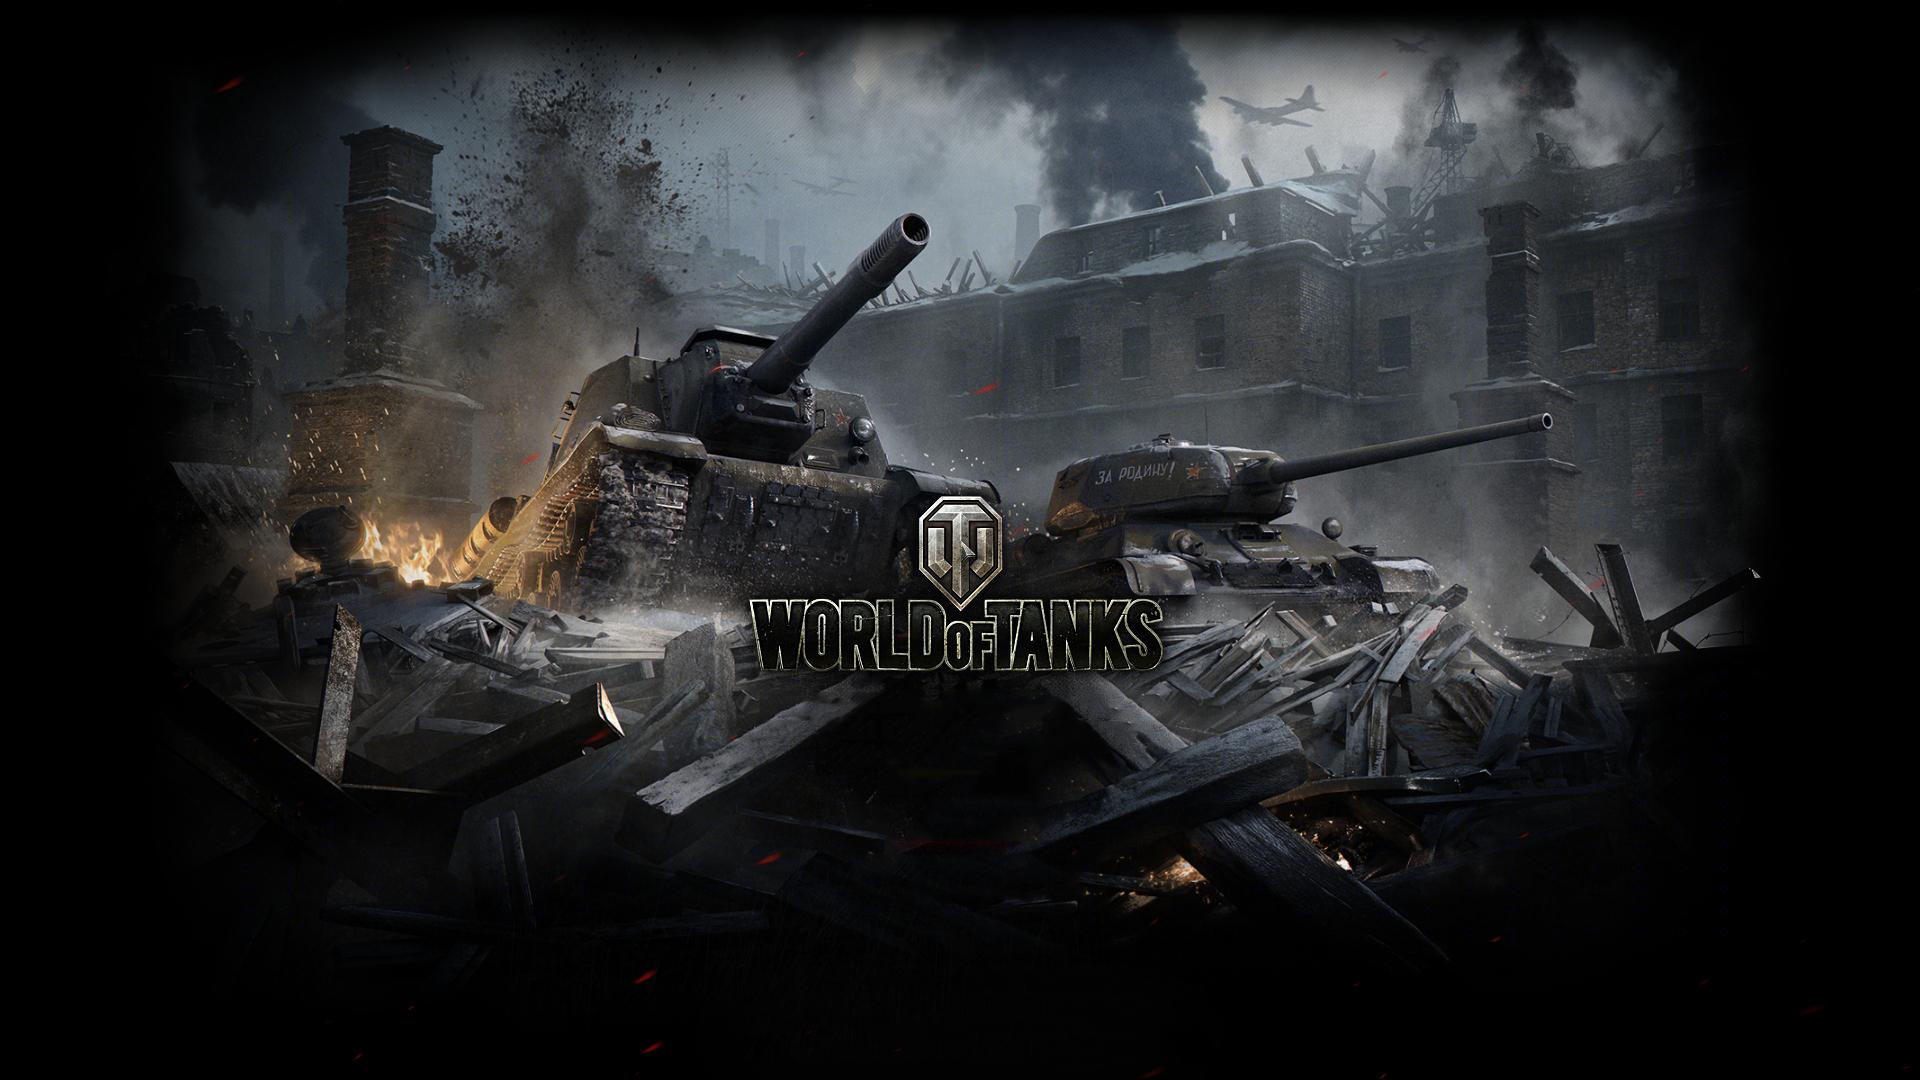 Wallpaper World of Tanks T 34 SPG tank ISY 152 T 34 85 1920x1080 1920x1080